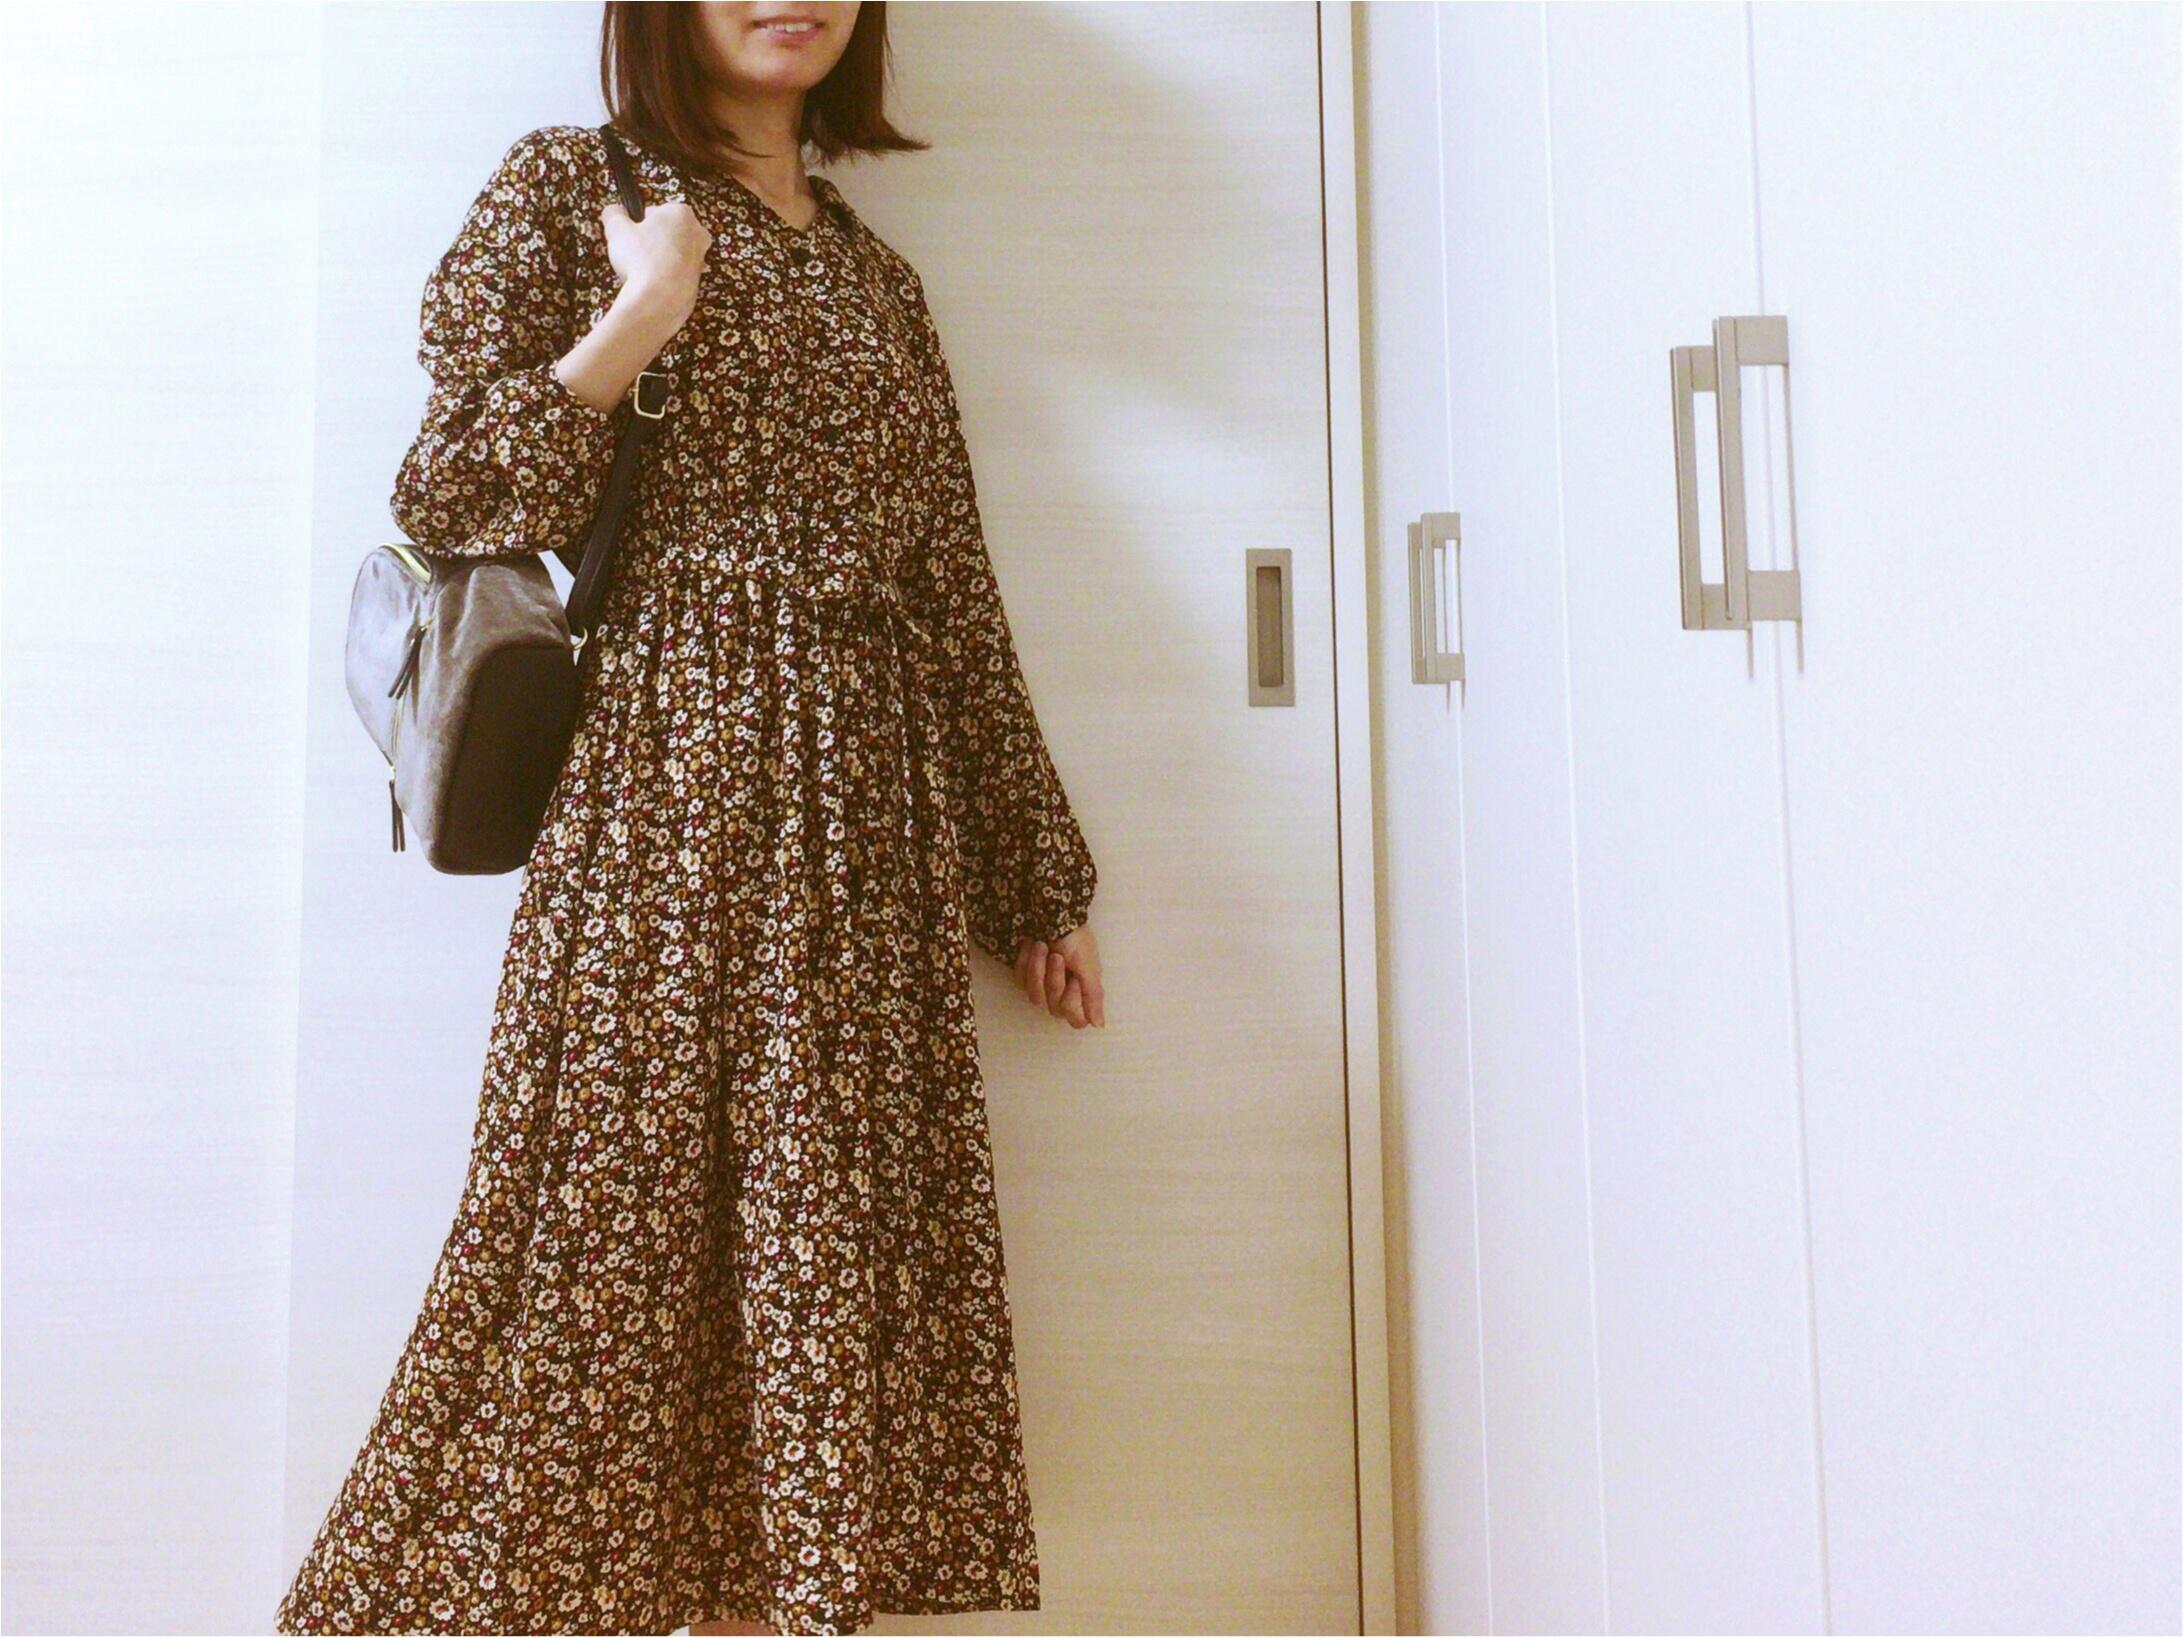 《Honeys》ヴィンテージ風花柄ワンピース【秋冬ファッション】プリプラ楽チンで!可愛いのんGET♡_3